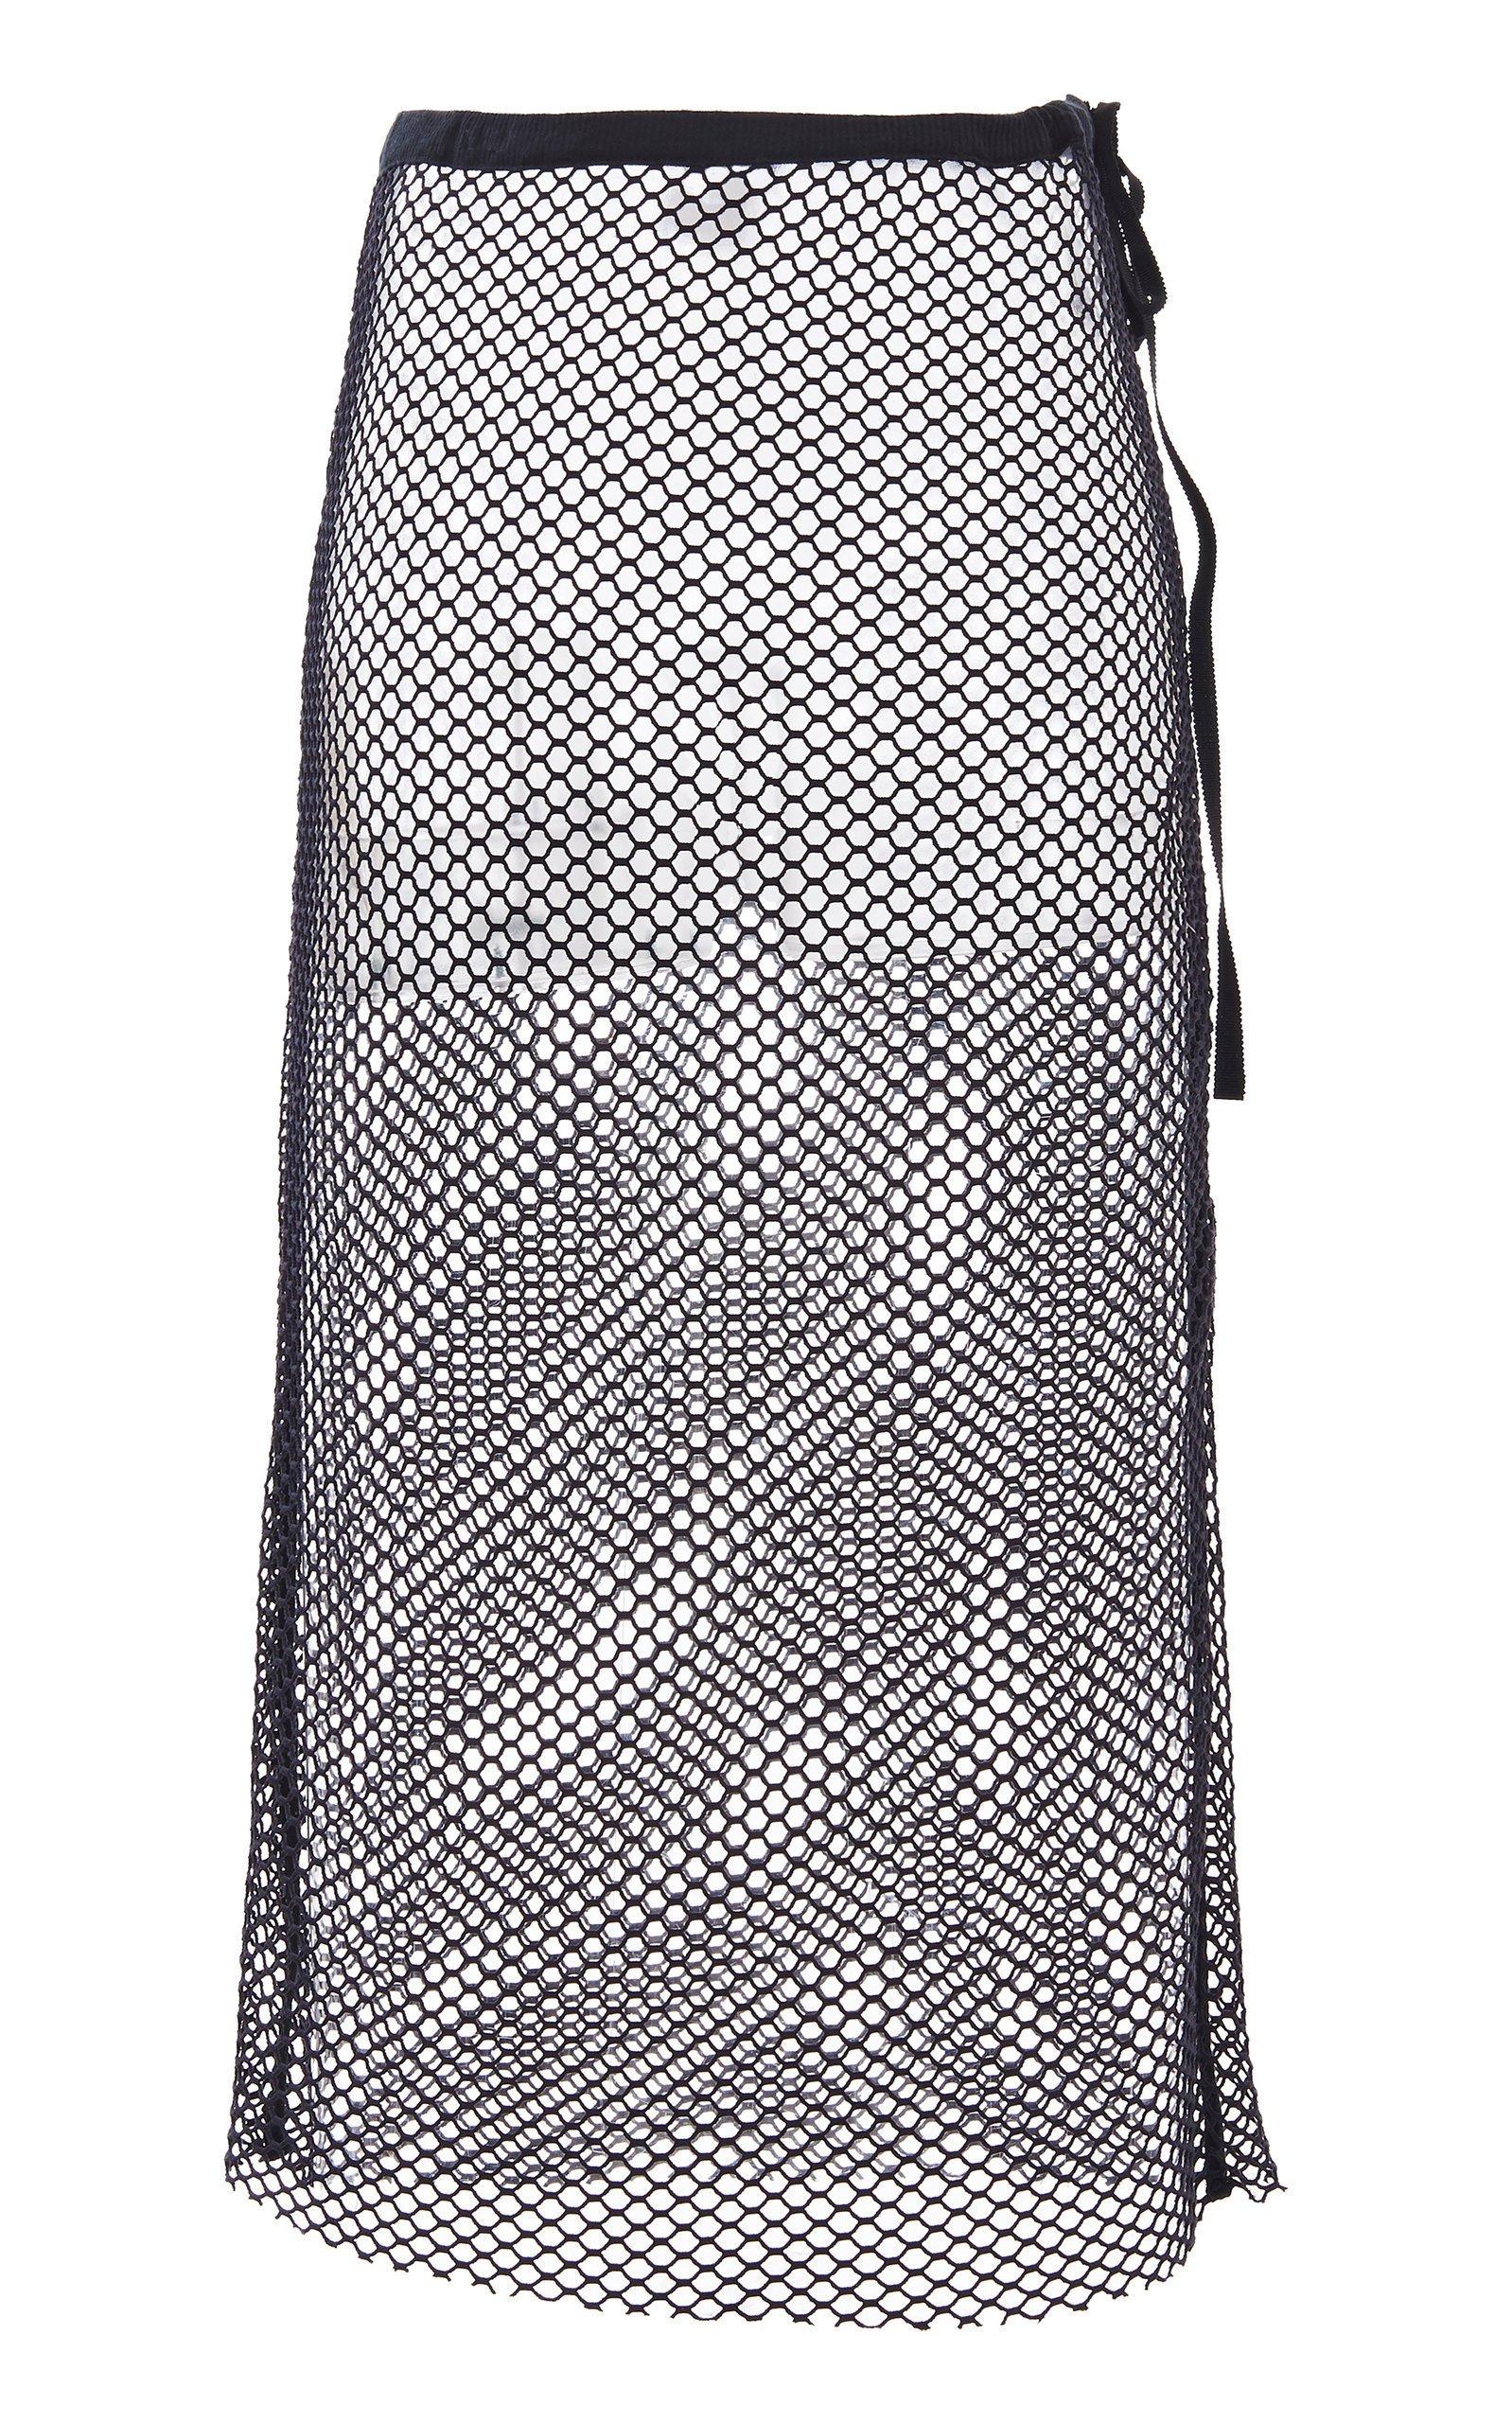 Ann Demeulemeester Mesh Midi Skirt Size: 42